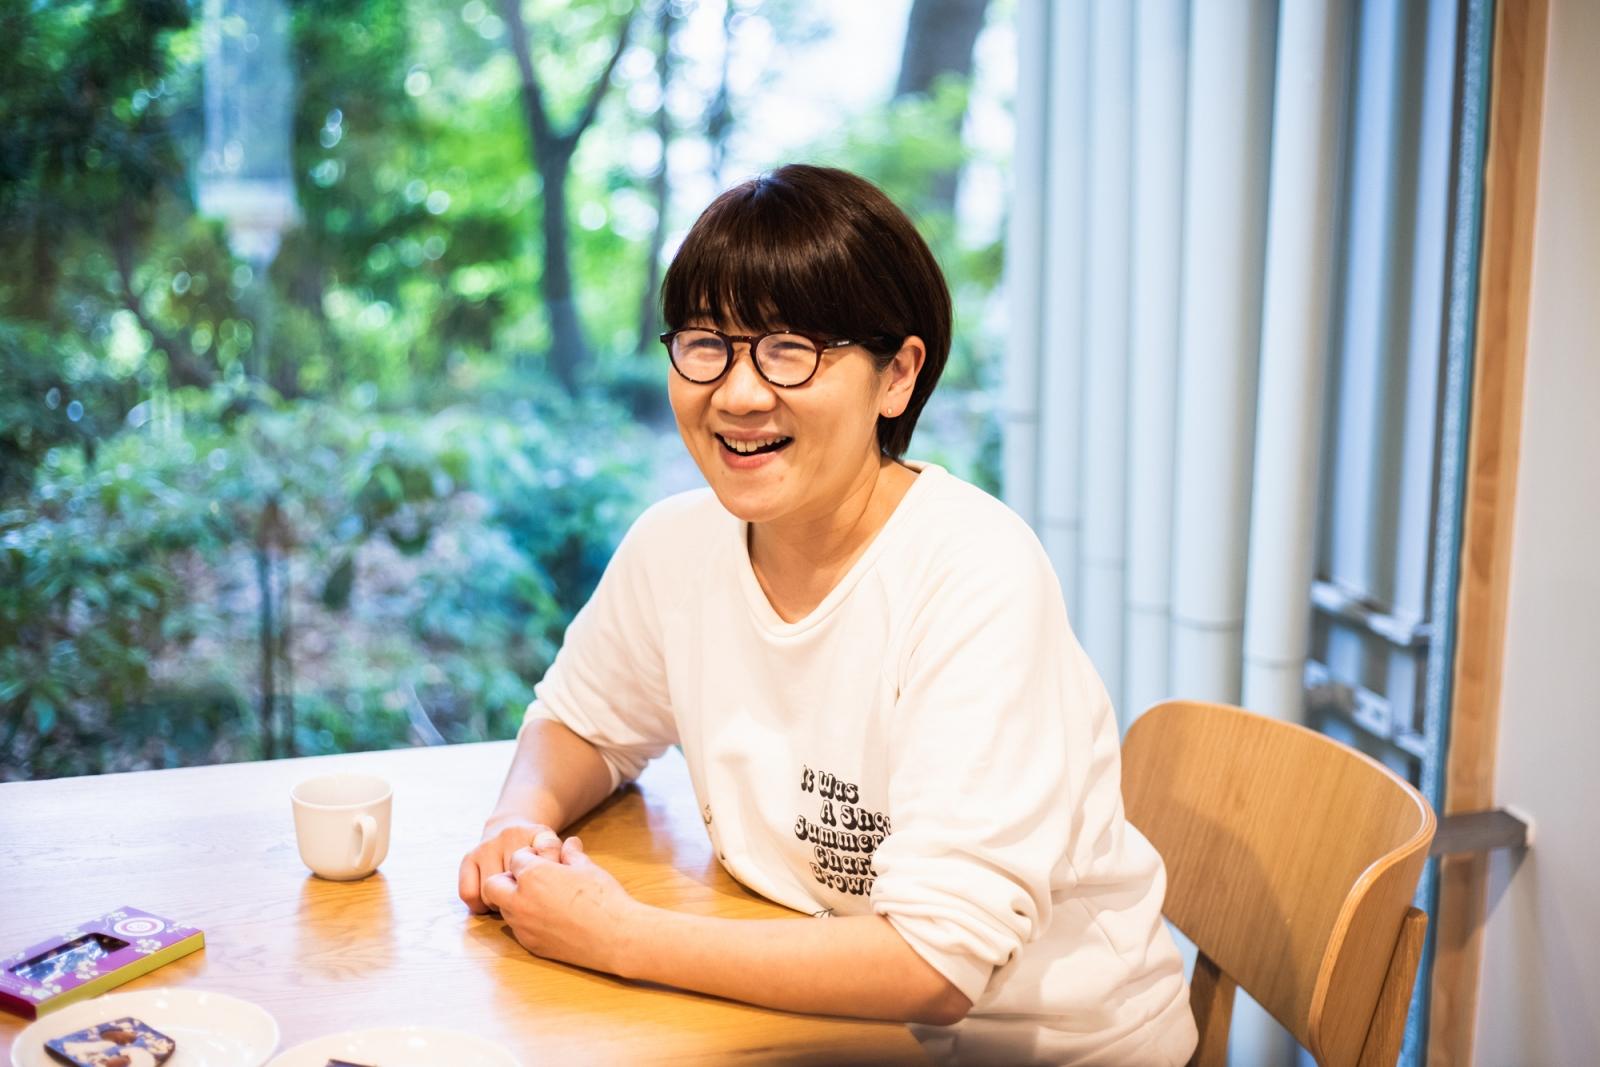 森岡督行連載 文化とチョコレートの美味しい話 vol.4 料理家 坂田阿希子さん